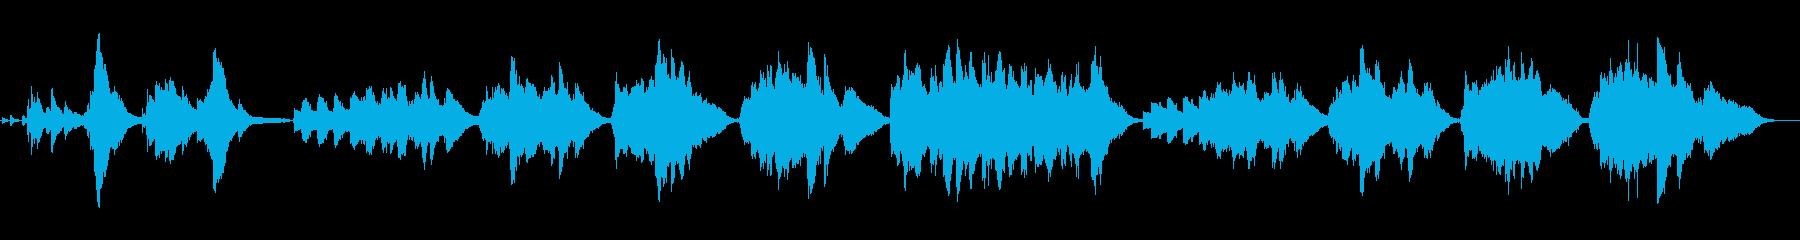 神秘的で物悲しい曲「ソルヴェイグの歌」の再生済みの波形